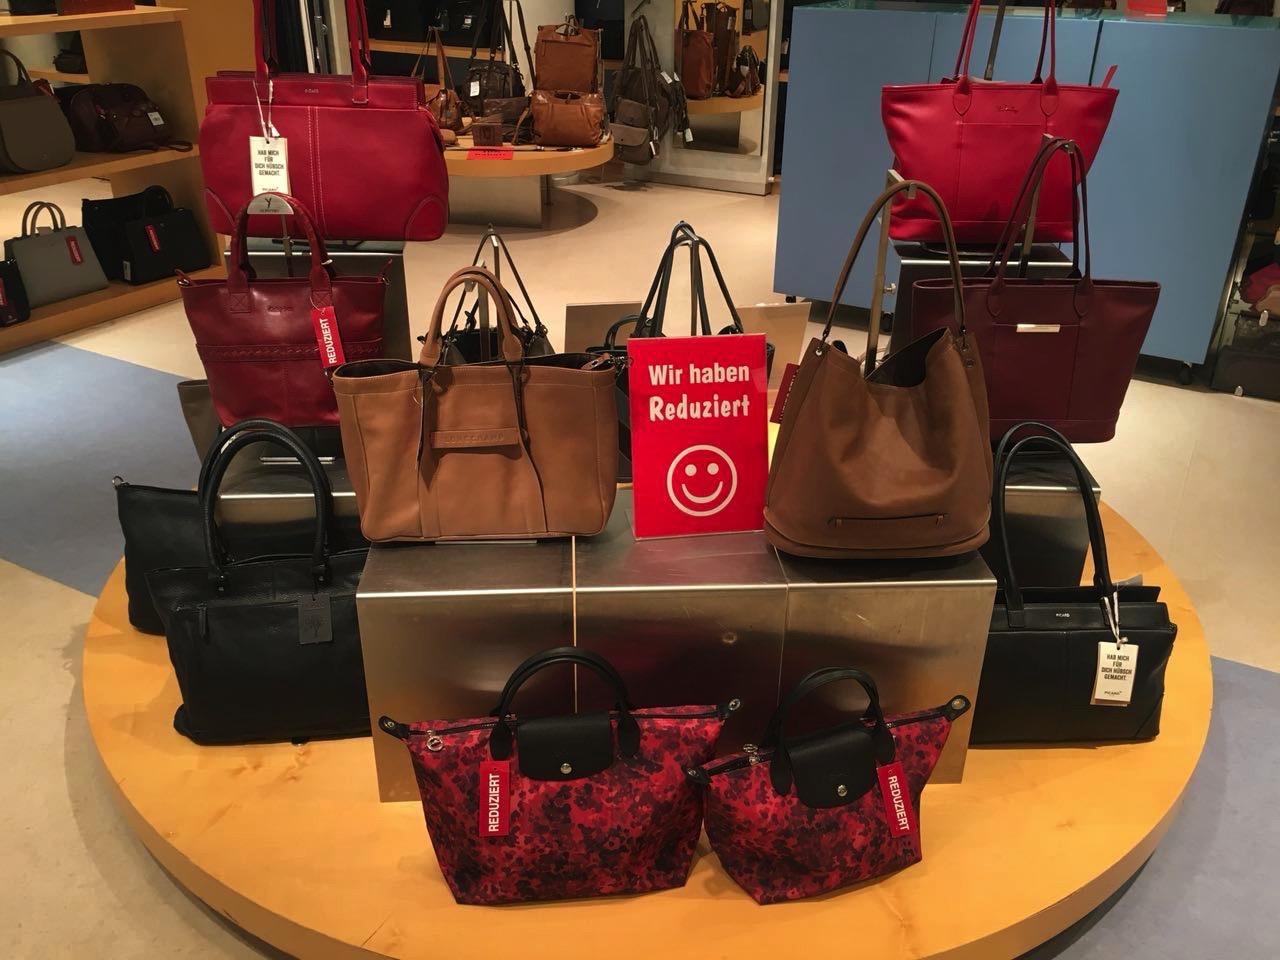 Handtaschen günstig kaufen in Aschaffenburg - Ausverkauf wegen Geschäftsaufgabe bei Leder Weis